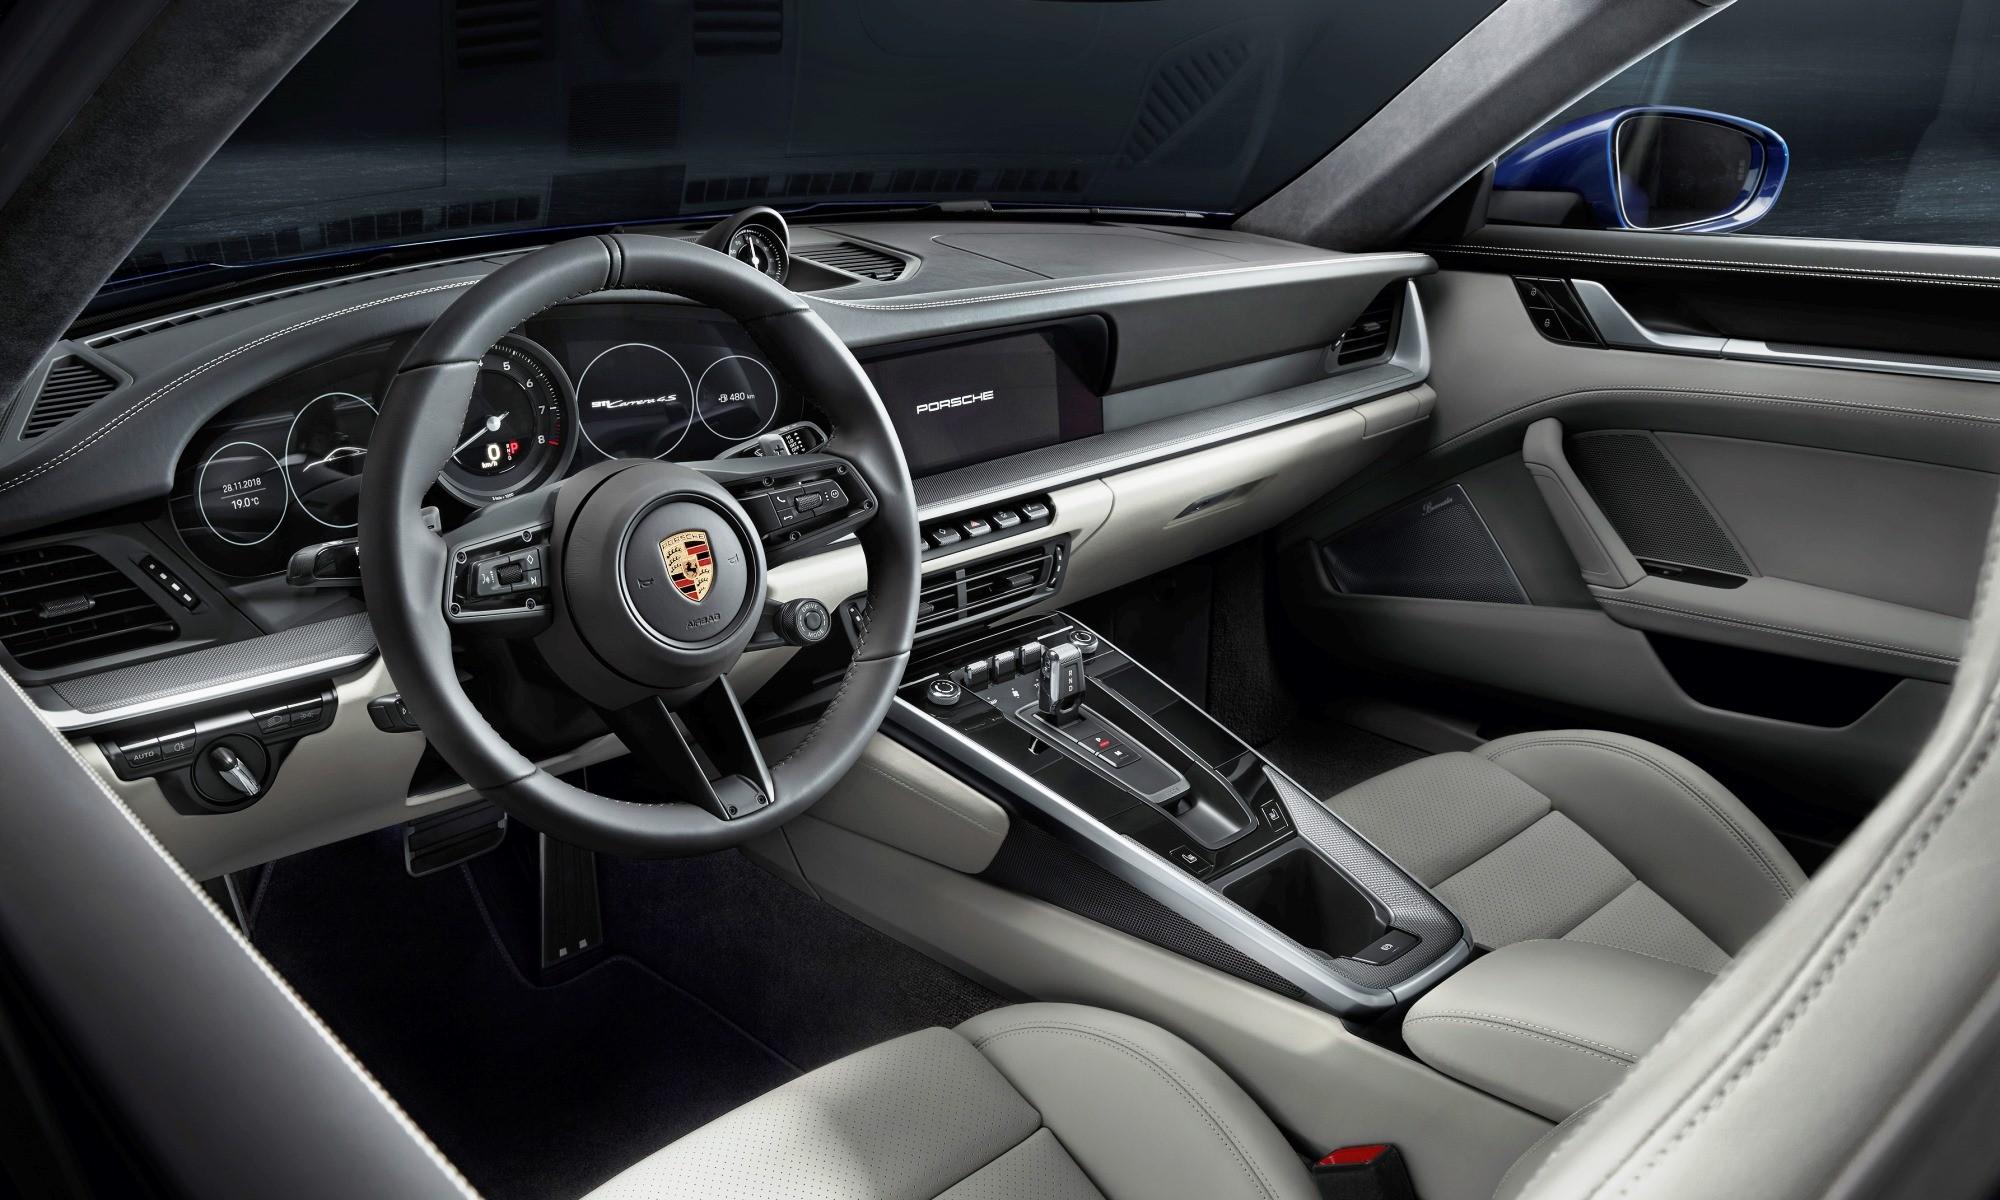 New Porsche 911 interior